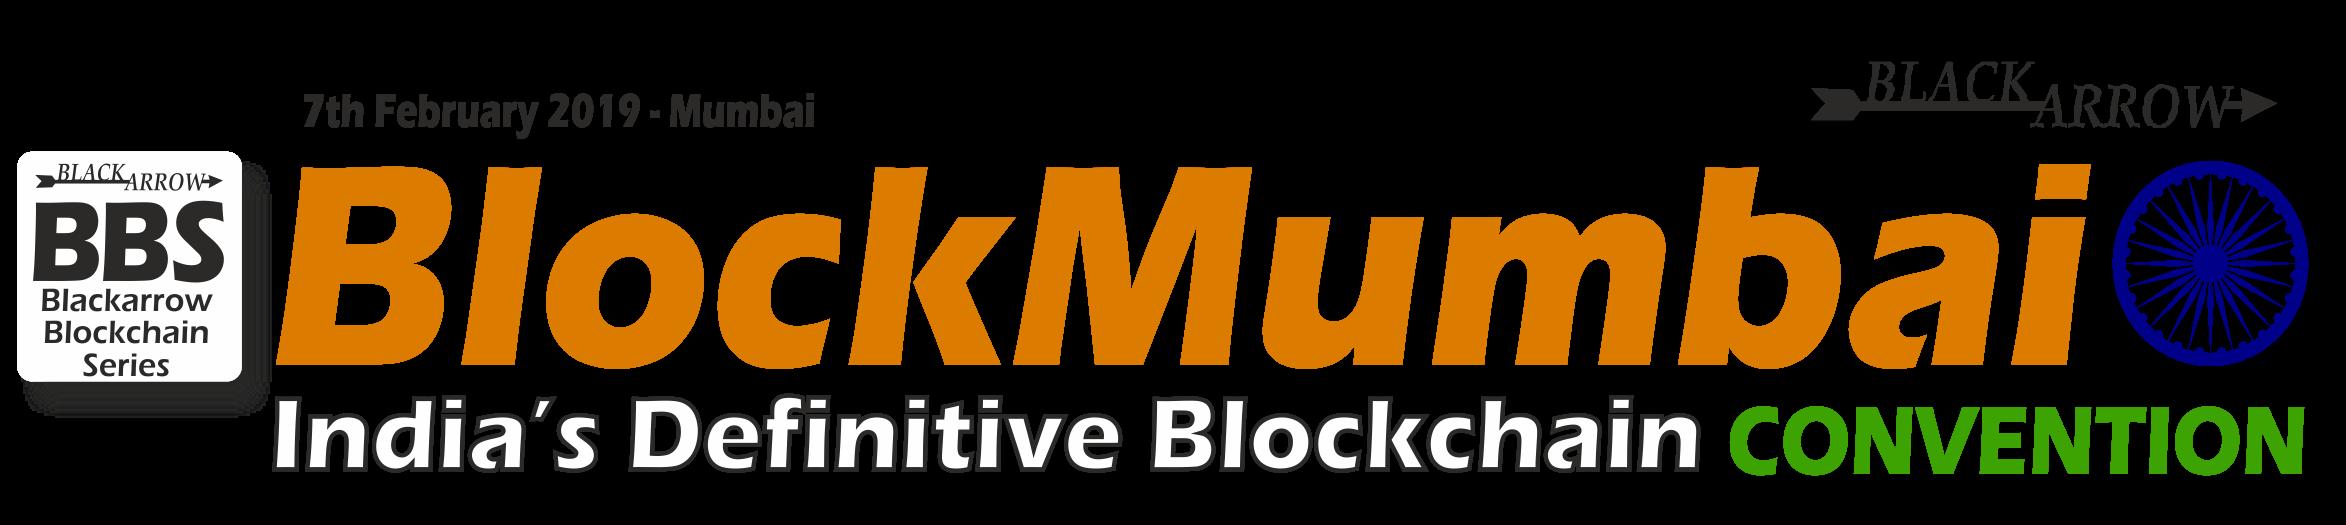 Blockchain Conference in India | Blockchain Conference in Mumbai | Blockchain Event in India | Blockchain Event in Mumbai | Blockchain Seminar in India | Blockchain Seminar in Mumbai